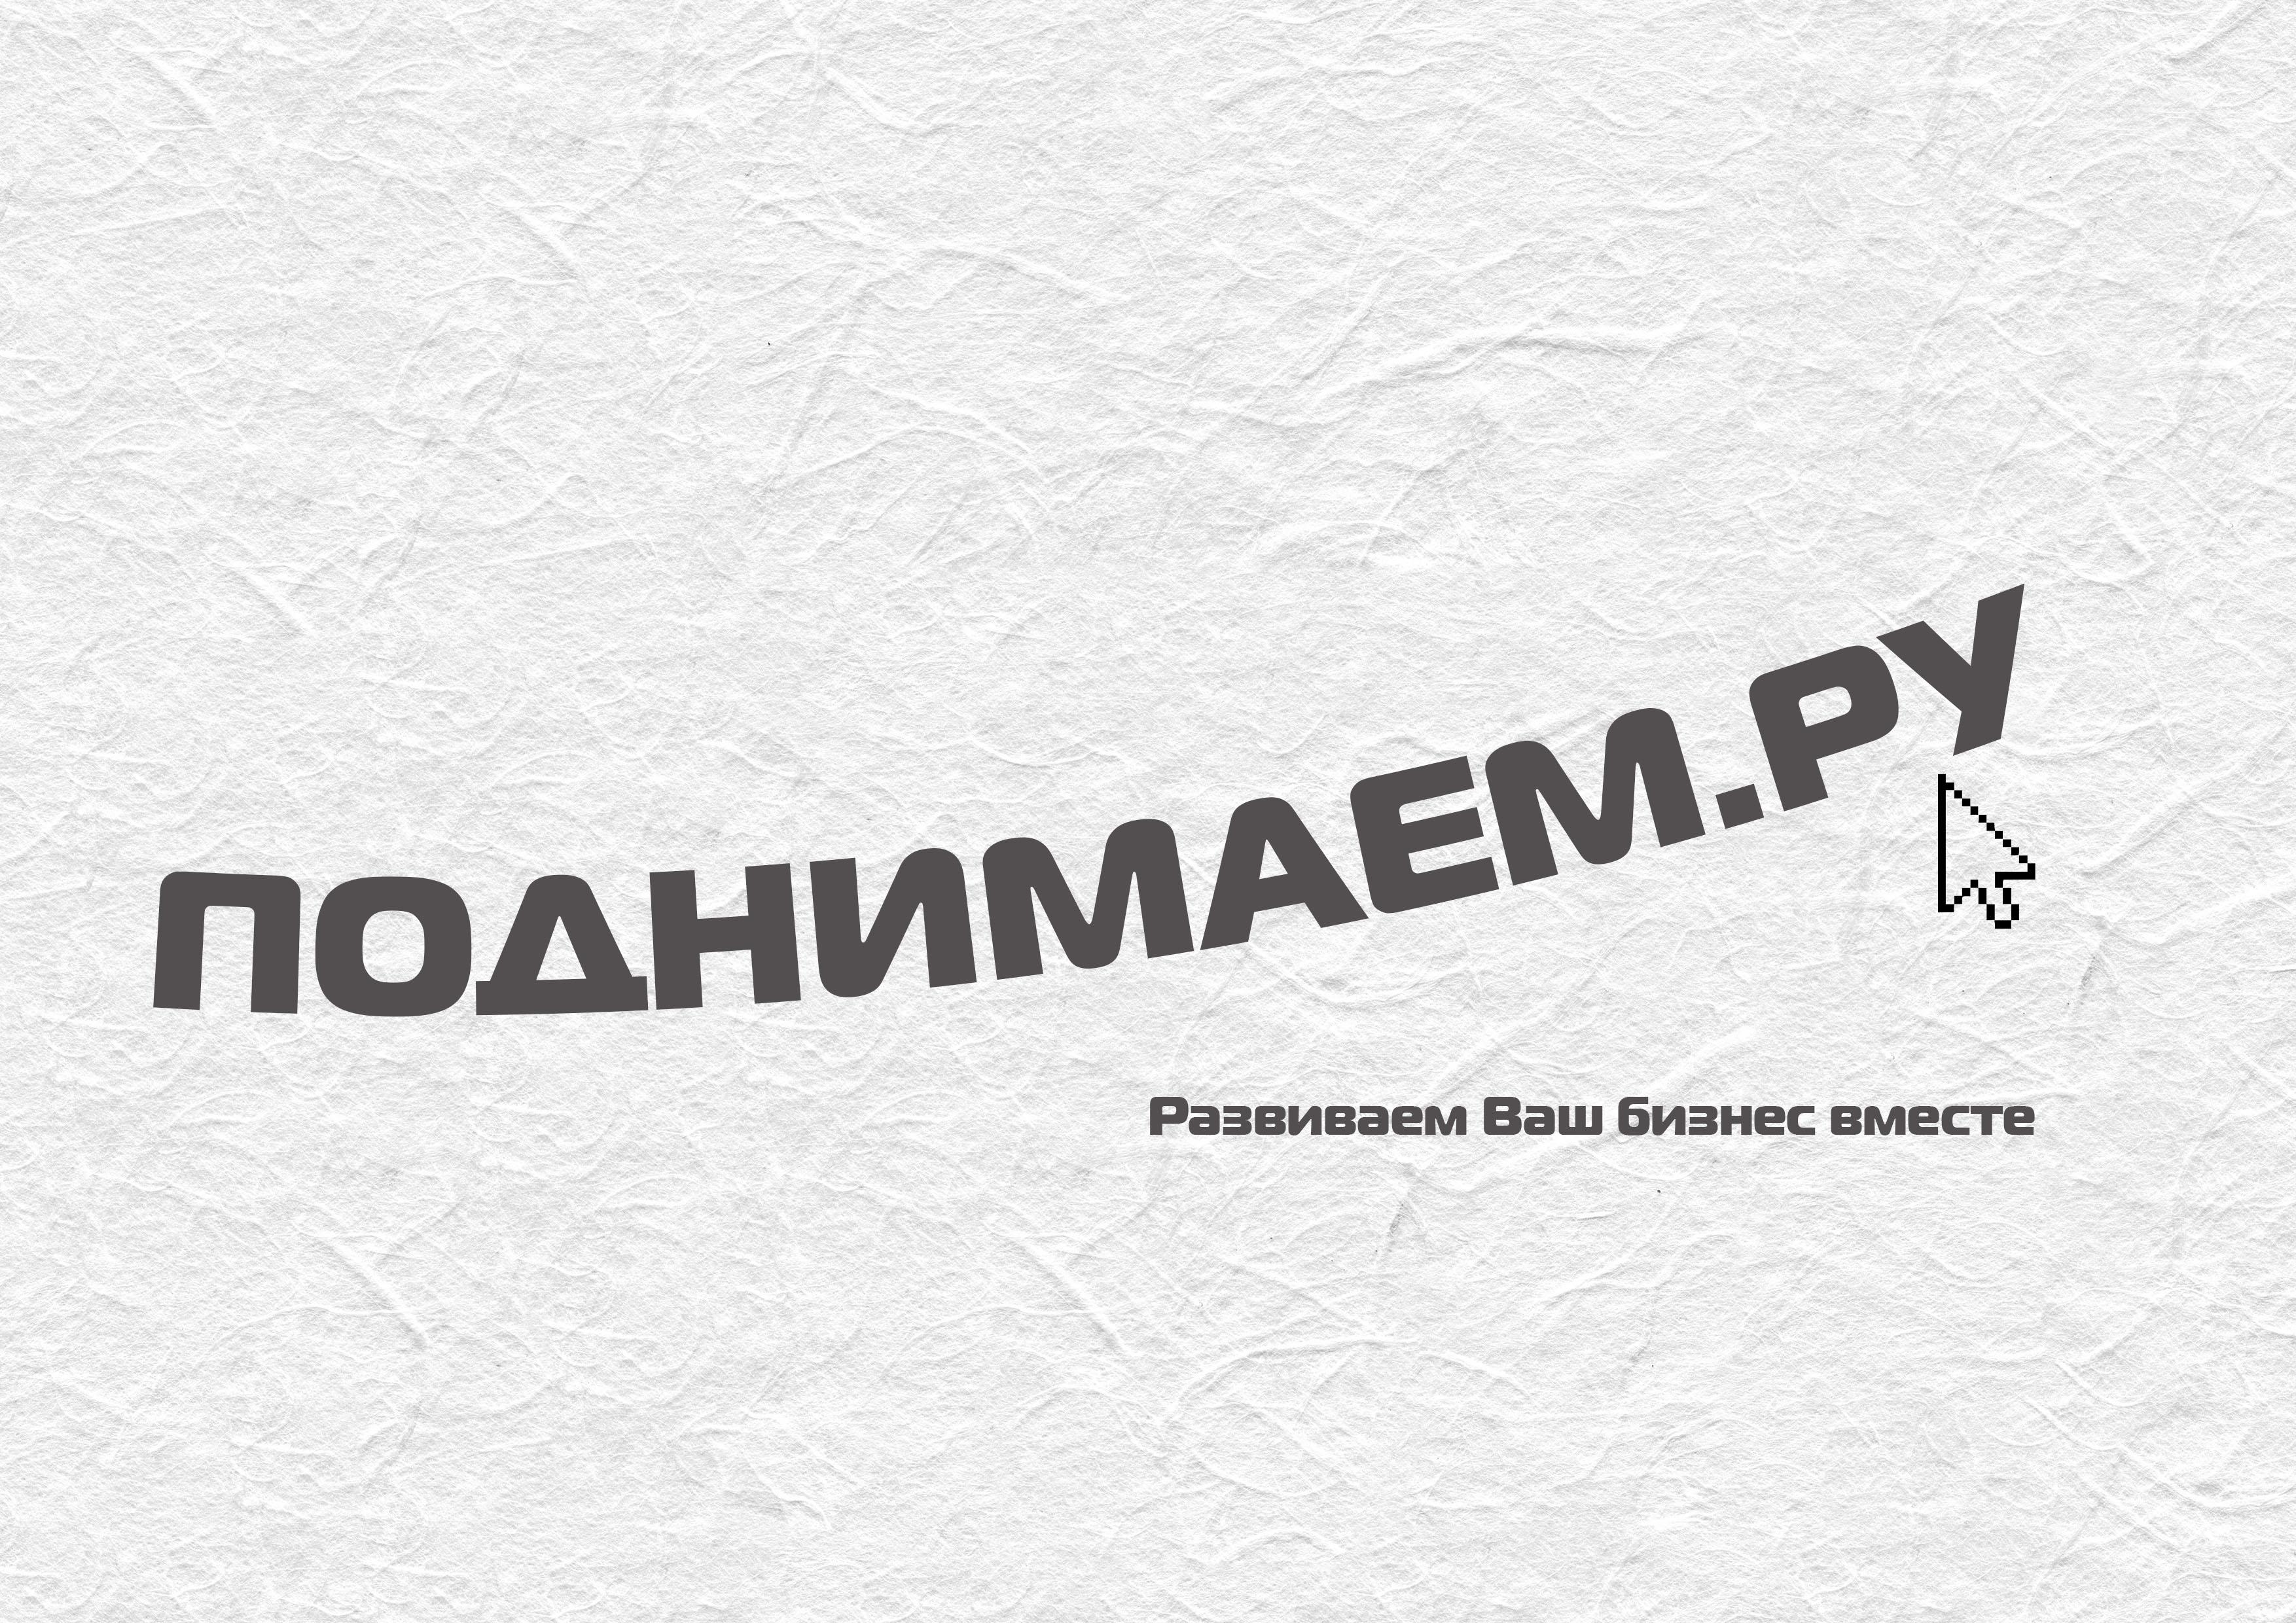 Разработать логотип + визитку + логотип для печати ООО +++ фото f_6375546695b922e1.jpg